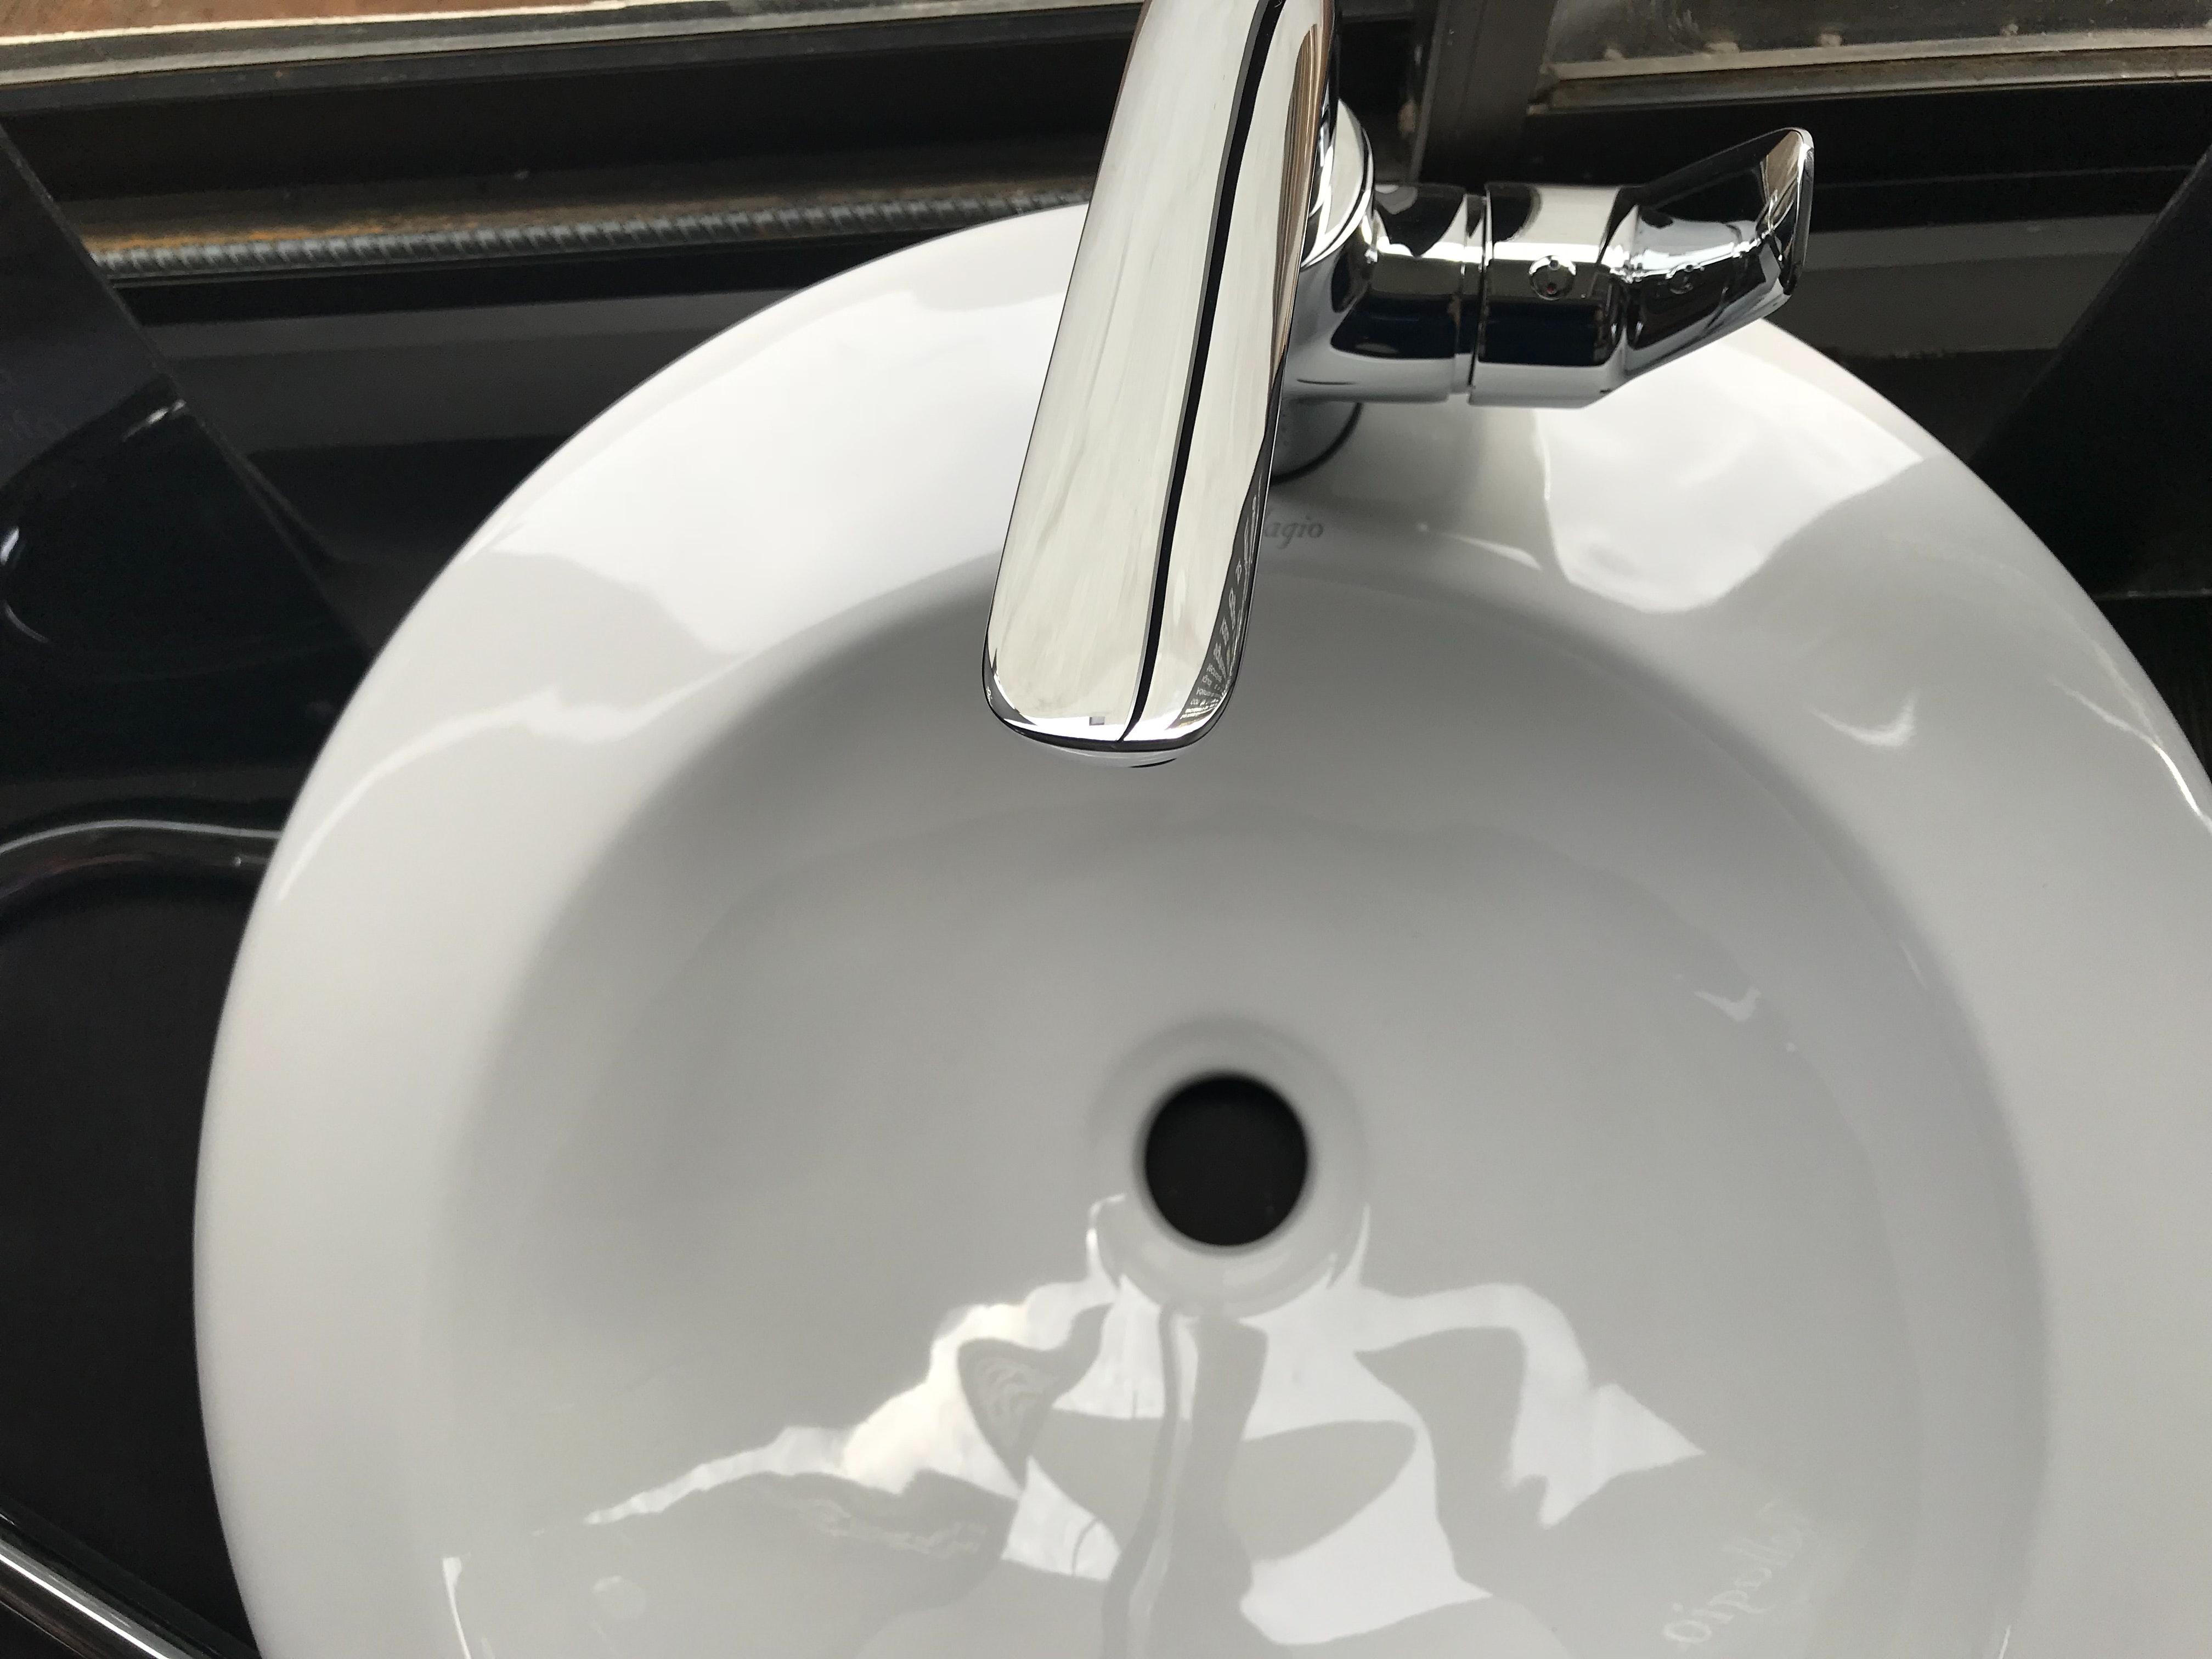 Comment Changer Une Bonde De Lavabo Ou Plombier